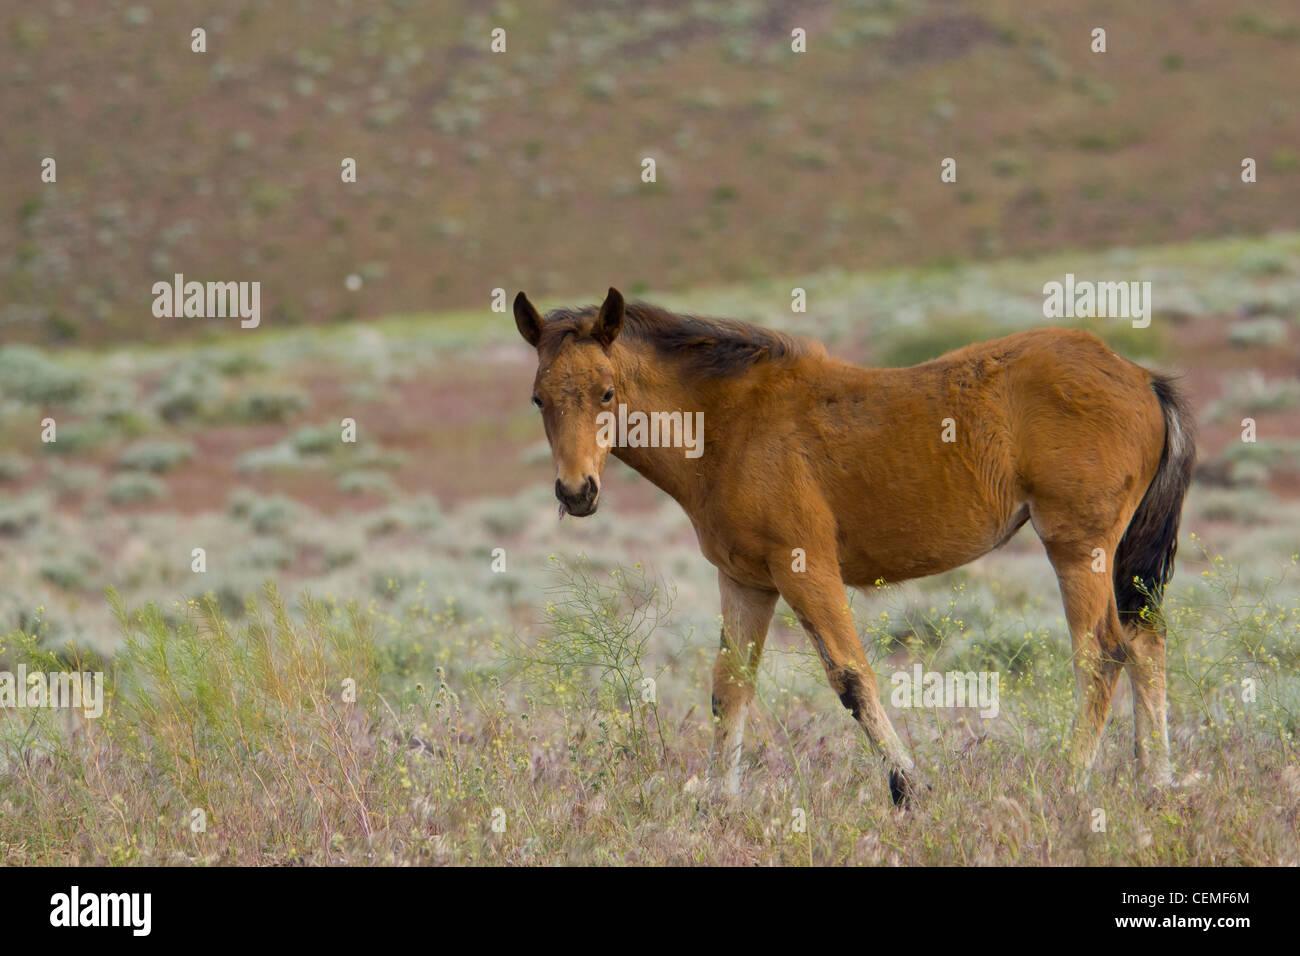 Wild horse, Equus ferus - Stock Image